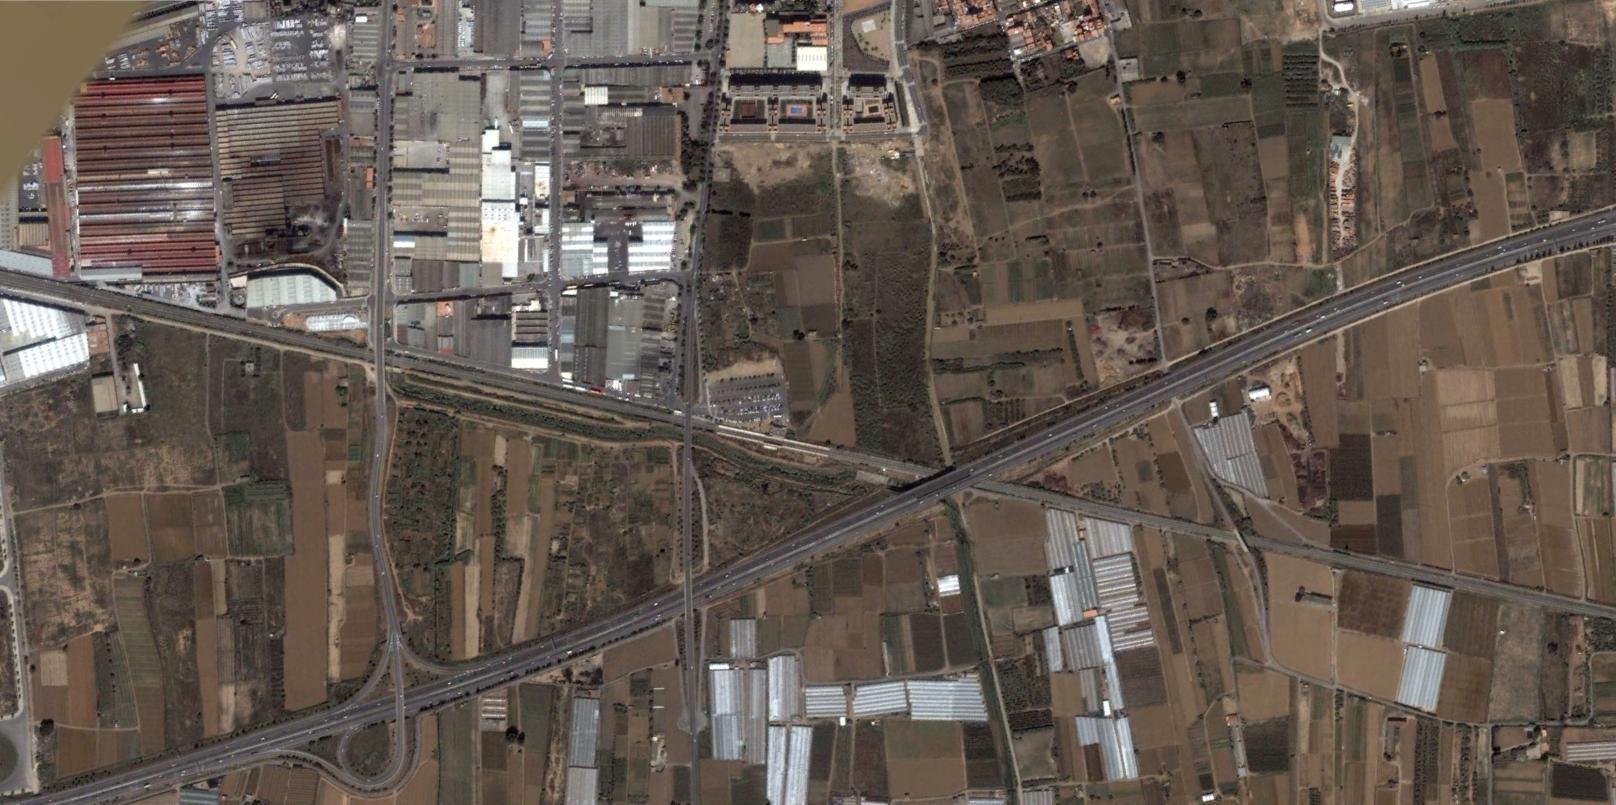 viladecans, barcelona, viladegossos, antes, urbanismo, planeamiento, urbano, desastre, urbanístico, construcción